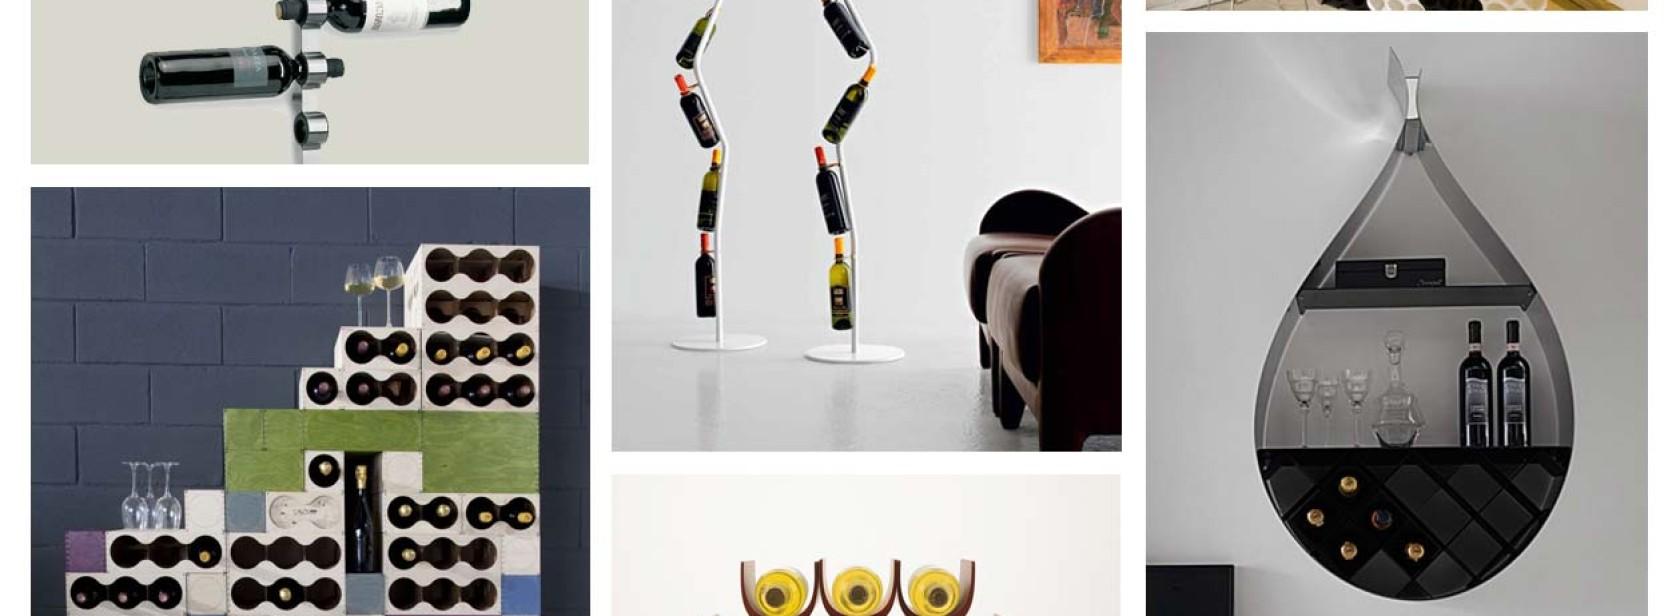 espositore-vino-porta-vino-suplemeto-arredo-accessori-exclusive-wine-1680x616